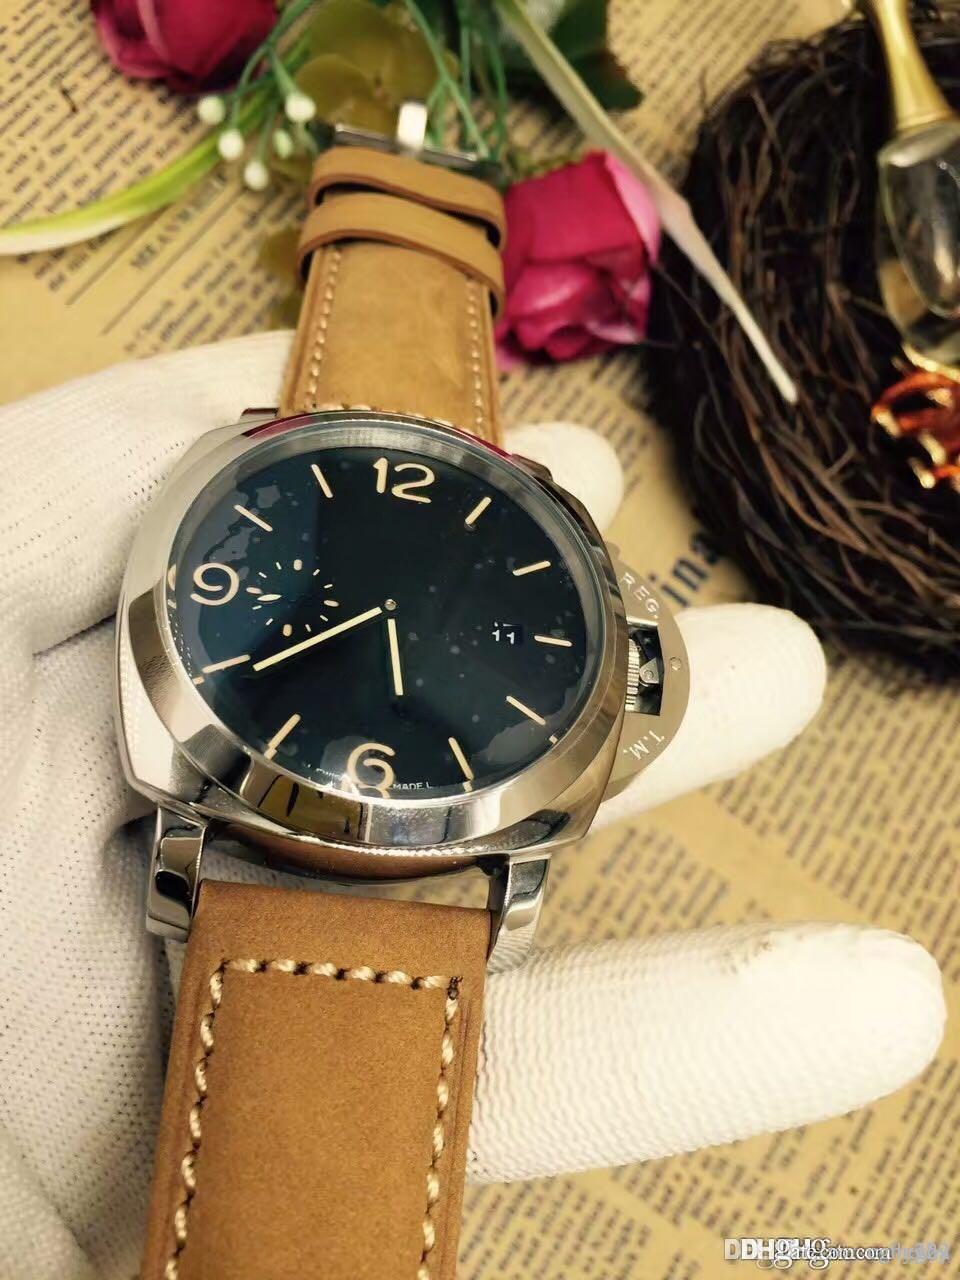 Relojes mecánicos de lujo para hombres de alta gama. Maquinaria automática. Acero inoxidable 316. Esfera súper grande. 3 una calidad. Serie PAM00441